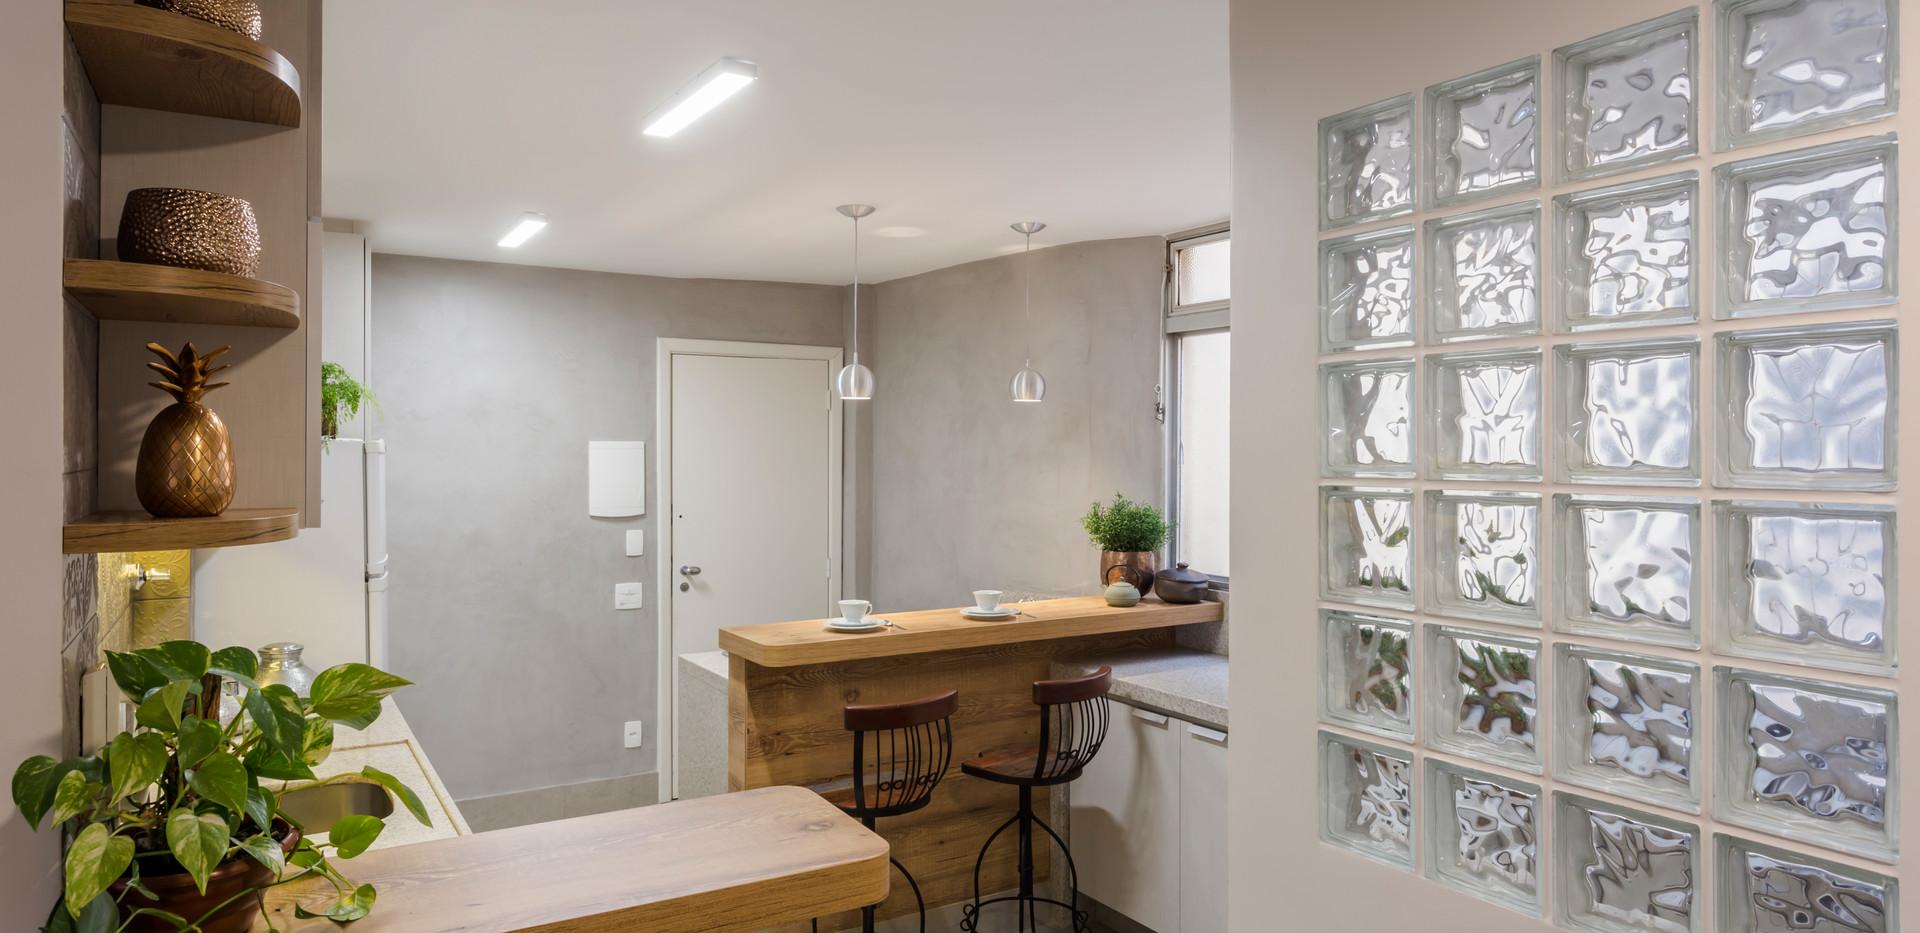 Cozinha - Ana Marinho - Designare Ambientes - BH-MG-BRASIL - 01.jpg